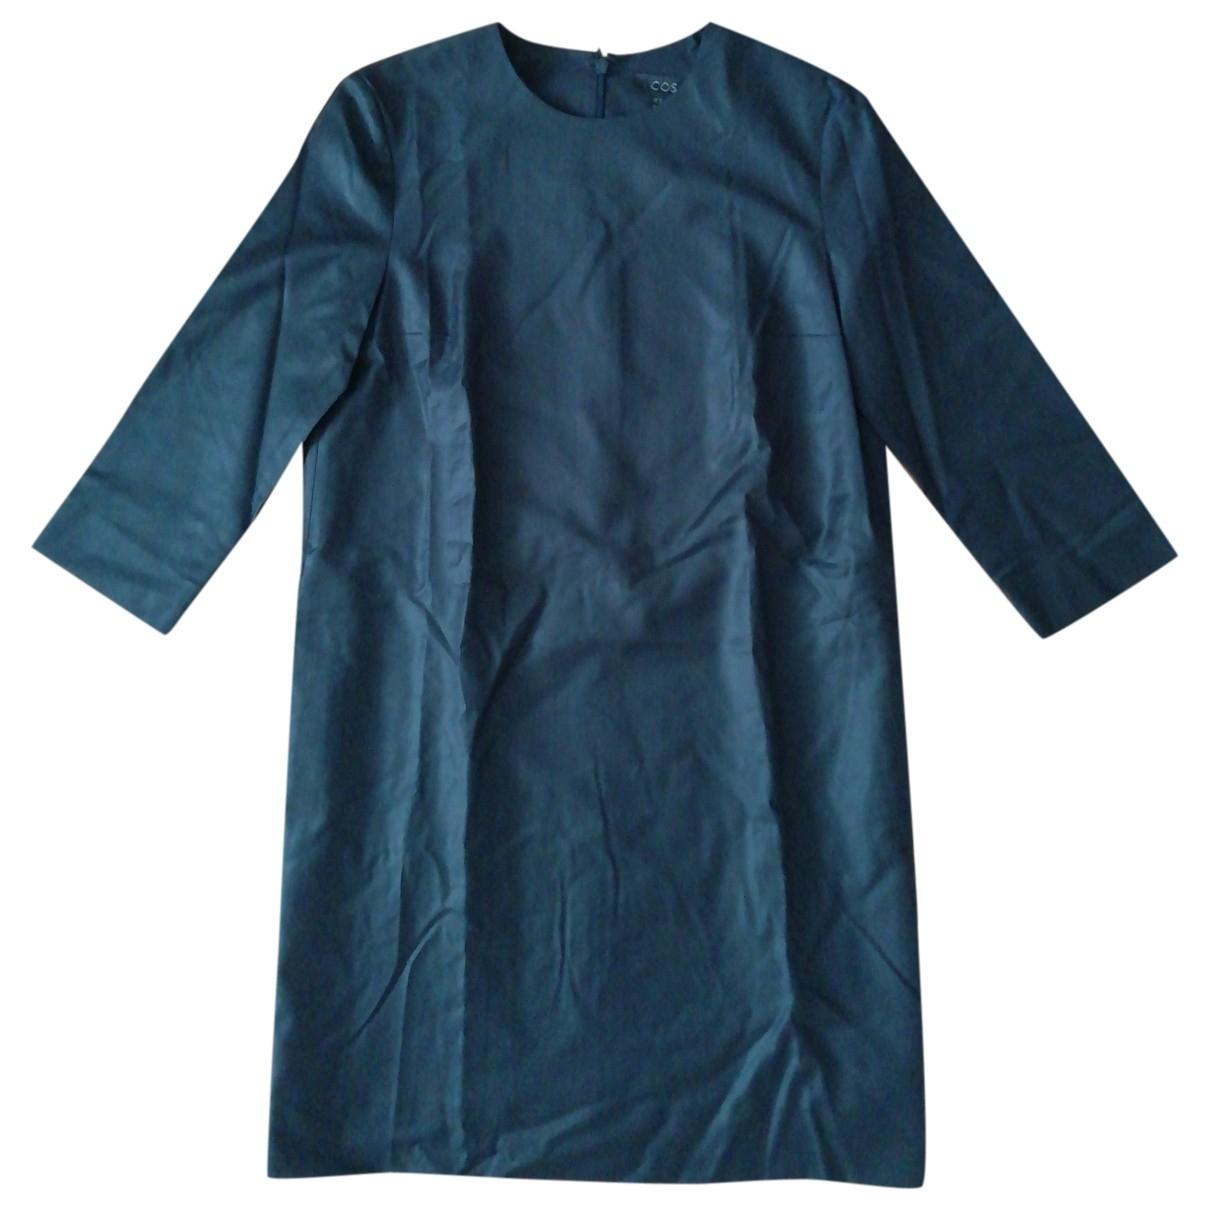 Cos - Robe   pour femme en laine - bleu